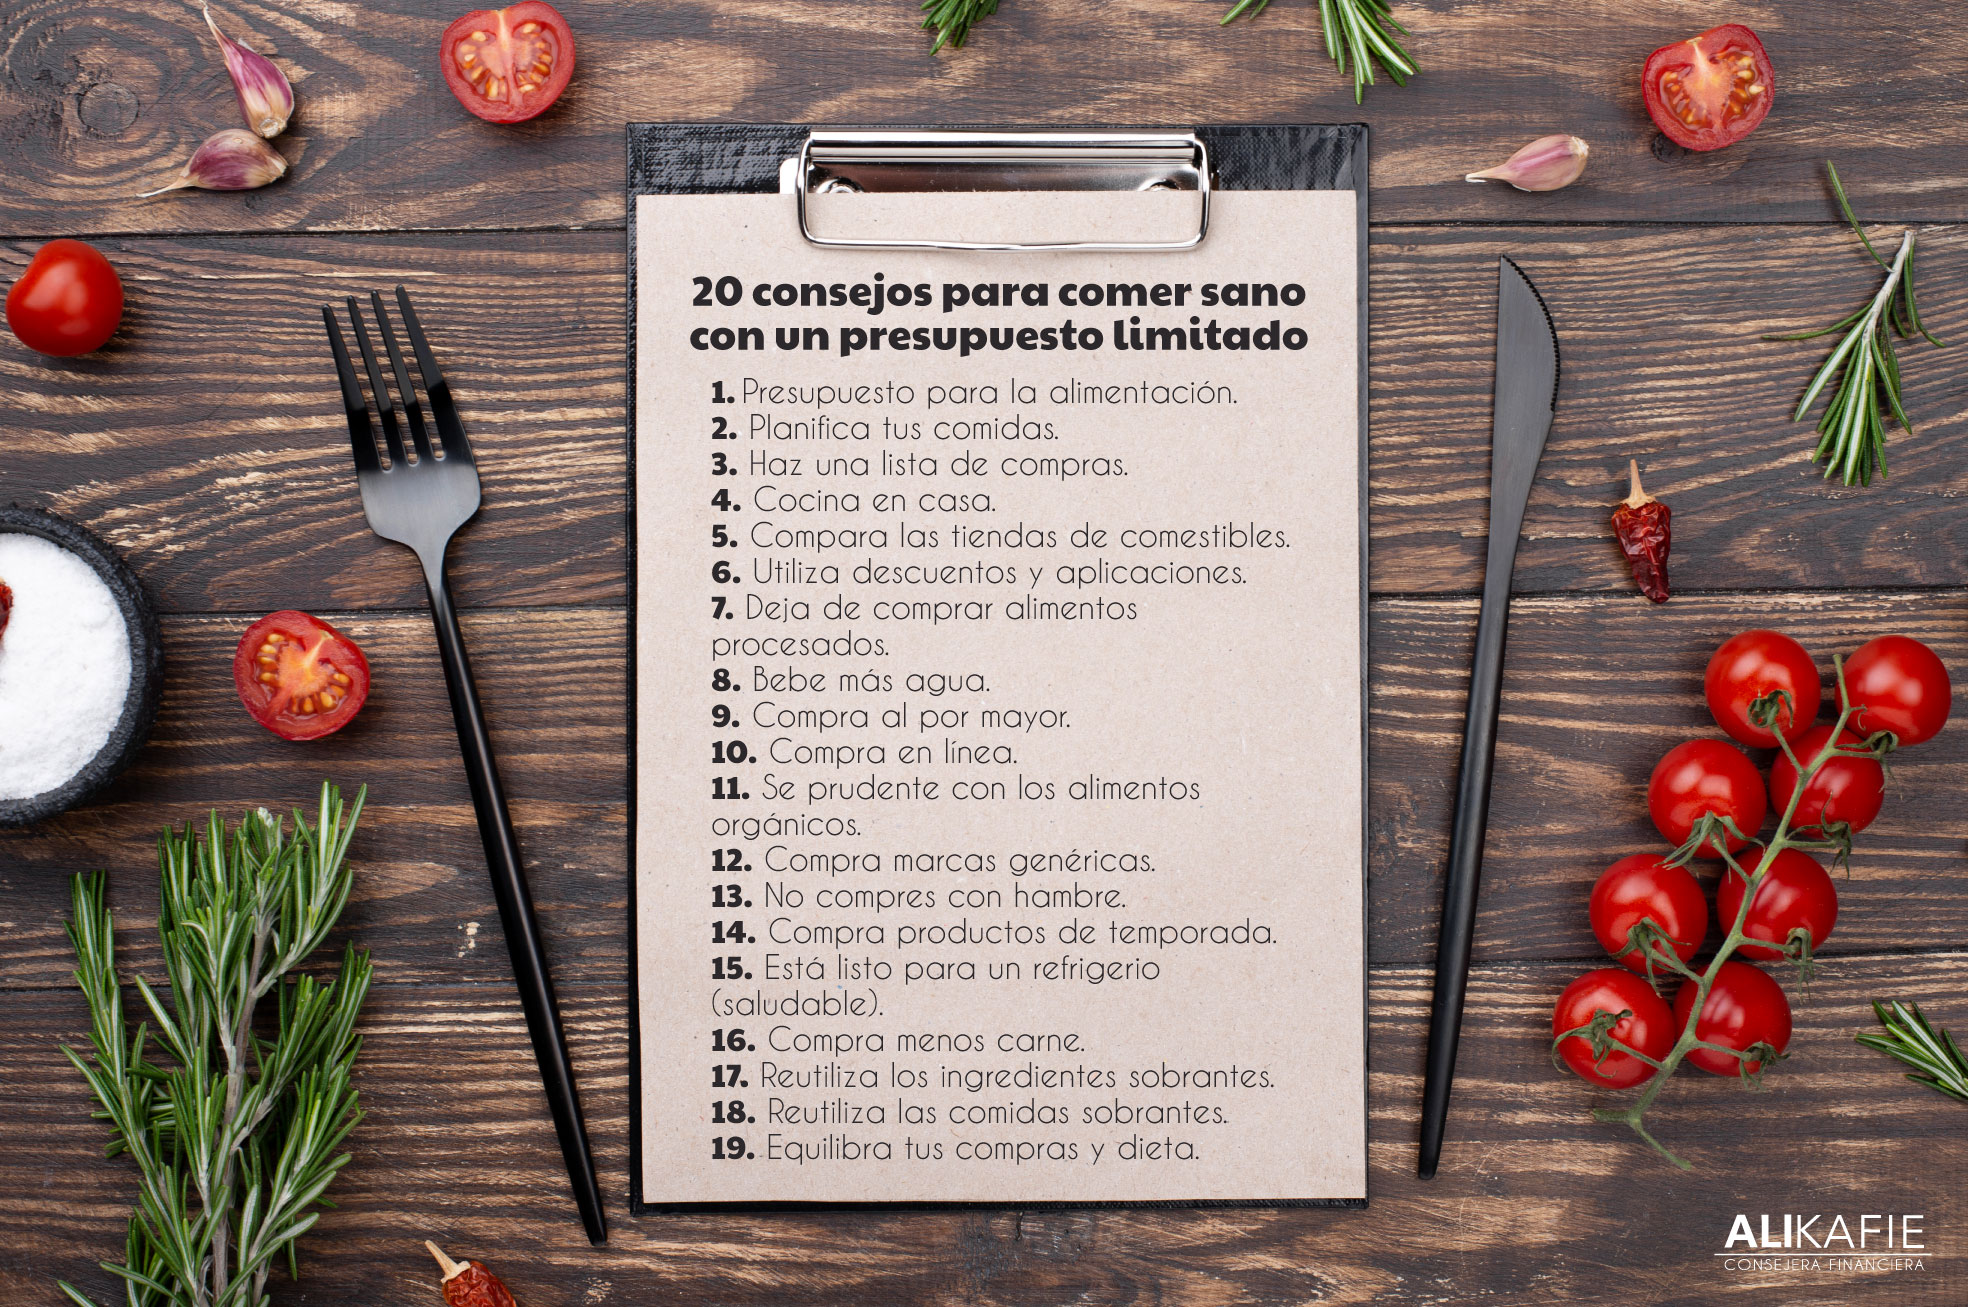 20-consejos-para-comer-sano-con-un-presupuesto-limitado